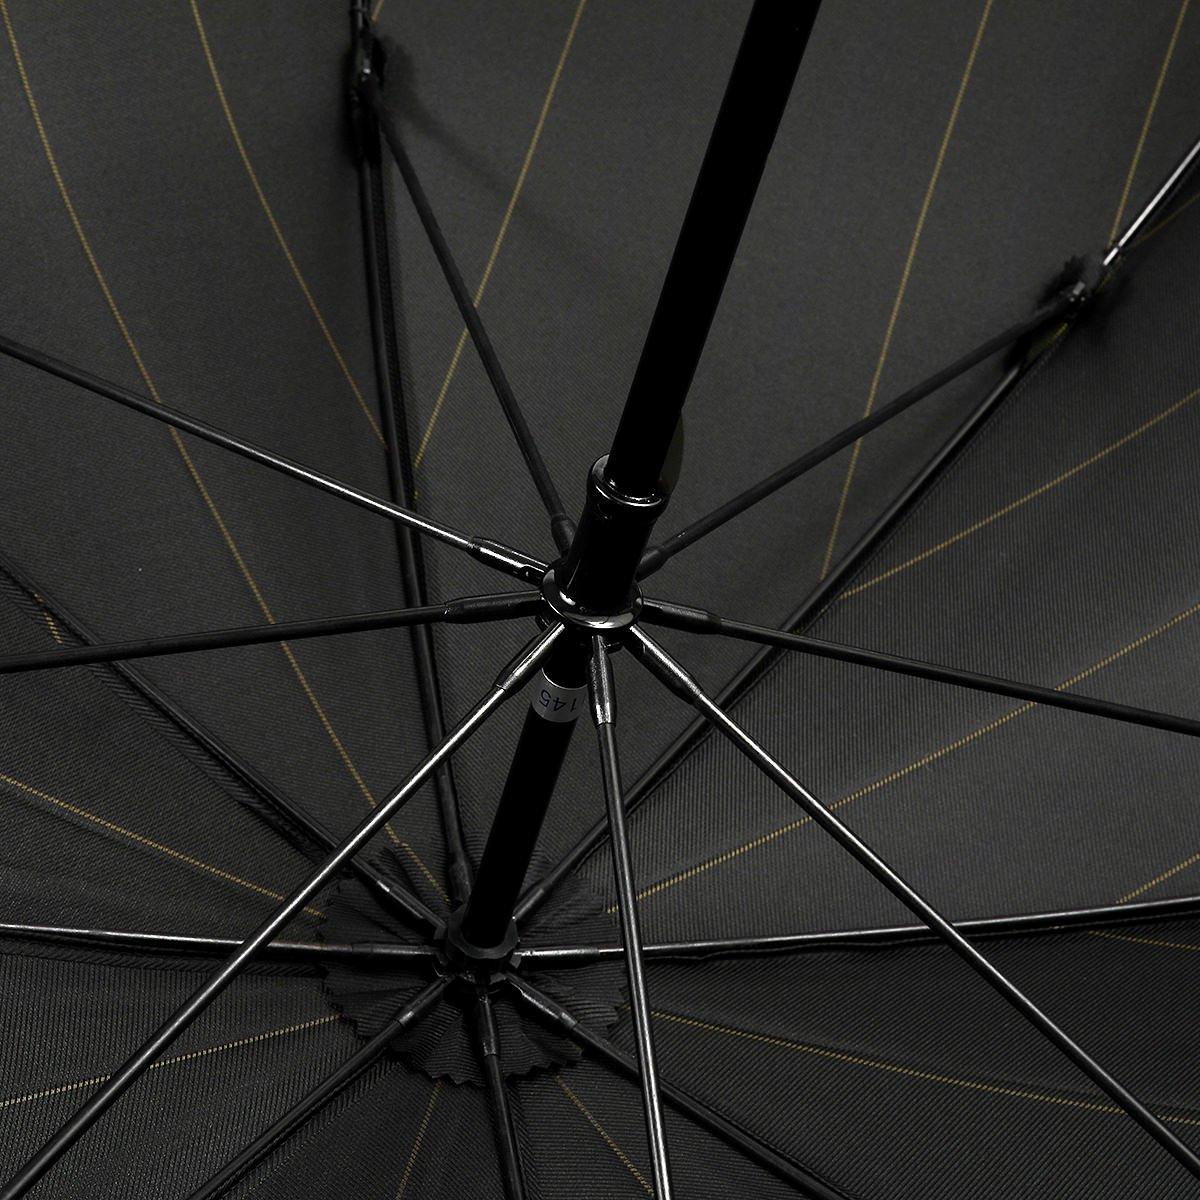 【セール】グリーン ストライプ 長傘 詳細画像5